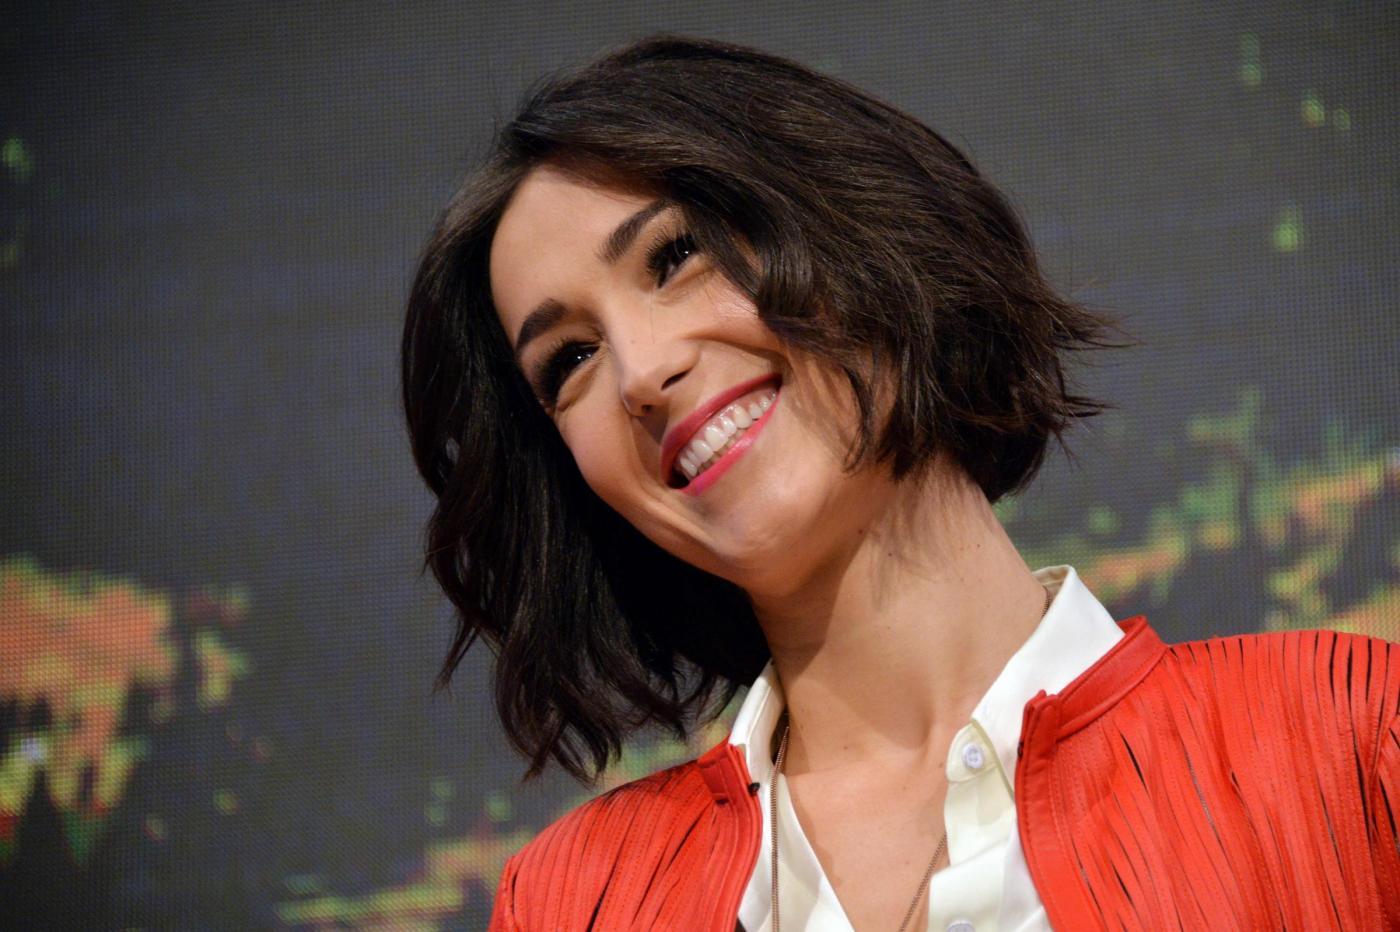 Sanremo 2017, Caterina Balivo si scusa con Diletta Leotta: Un tweet infelice